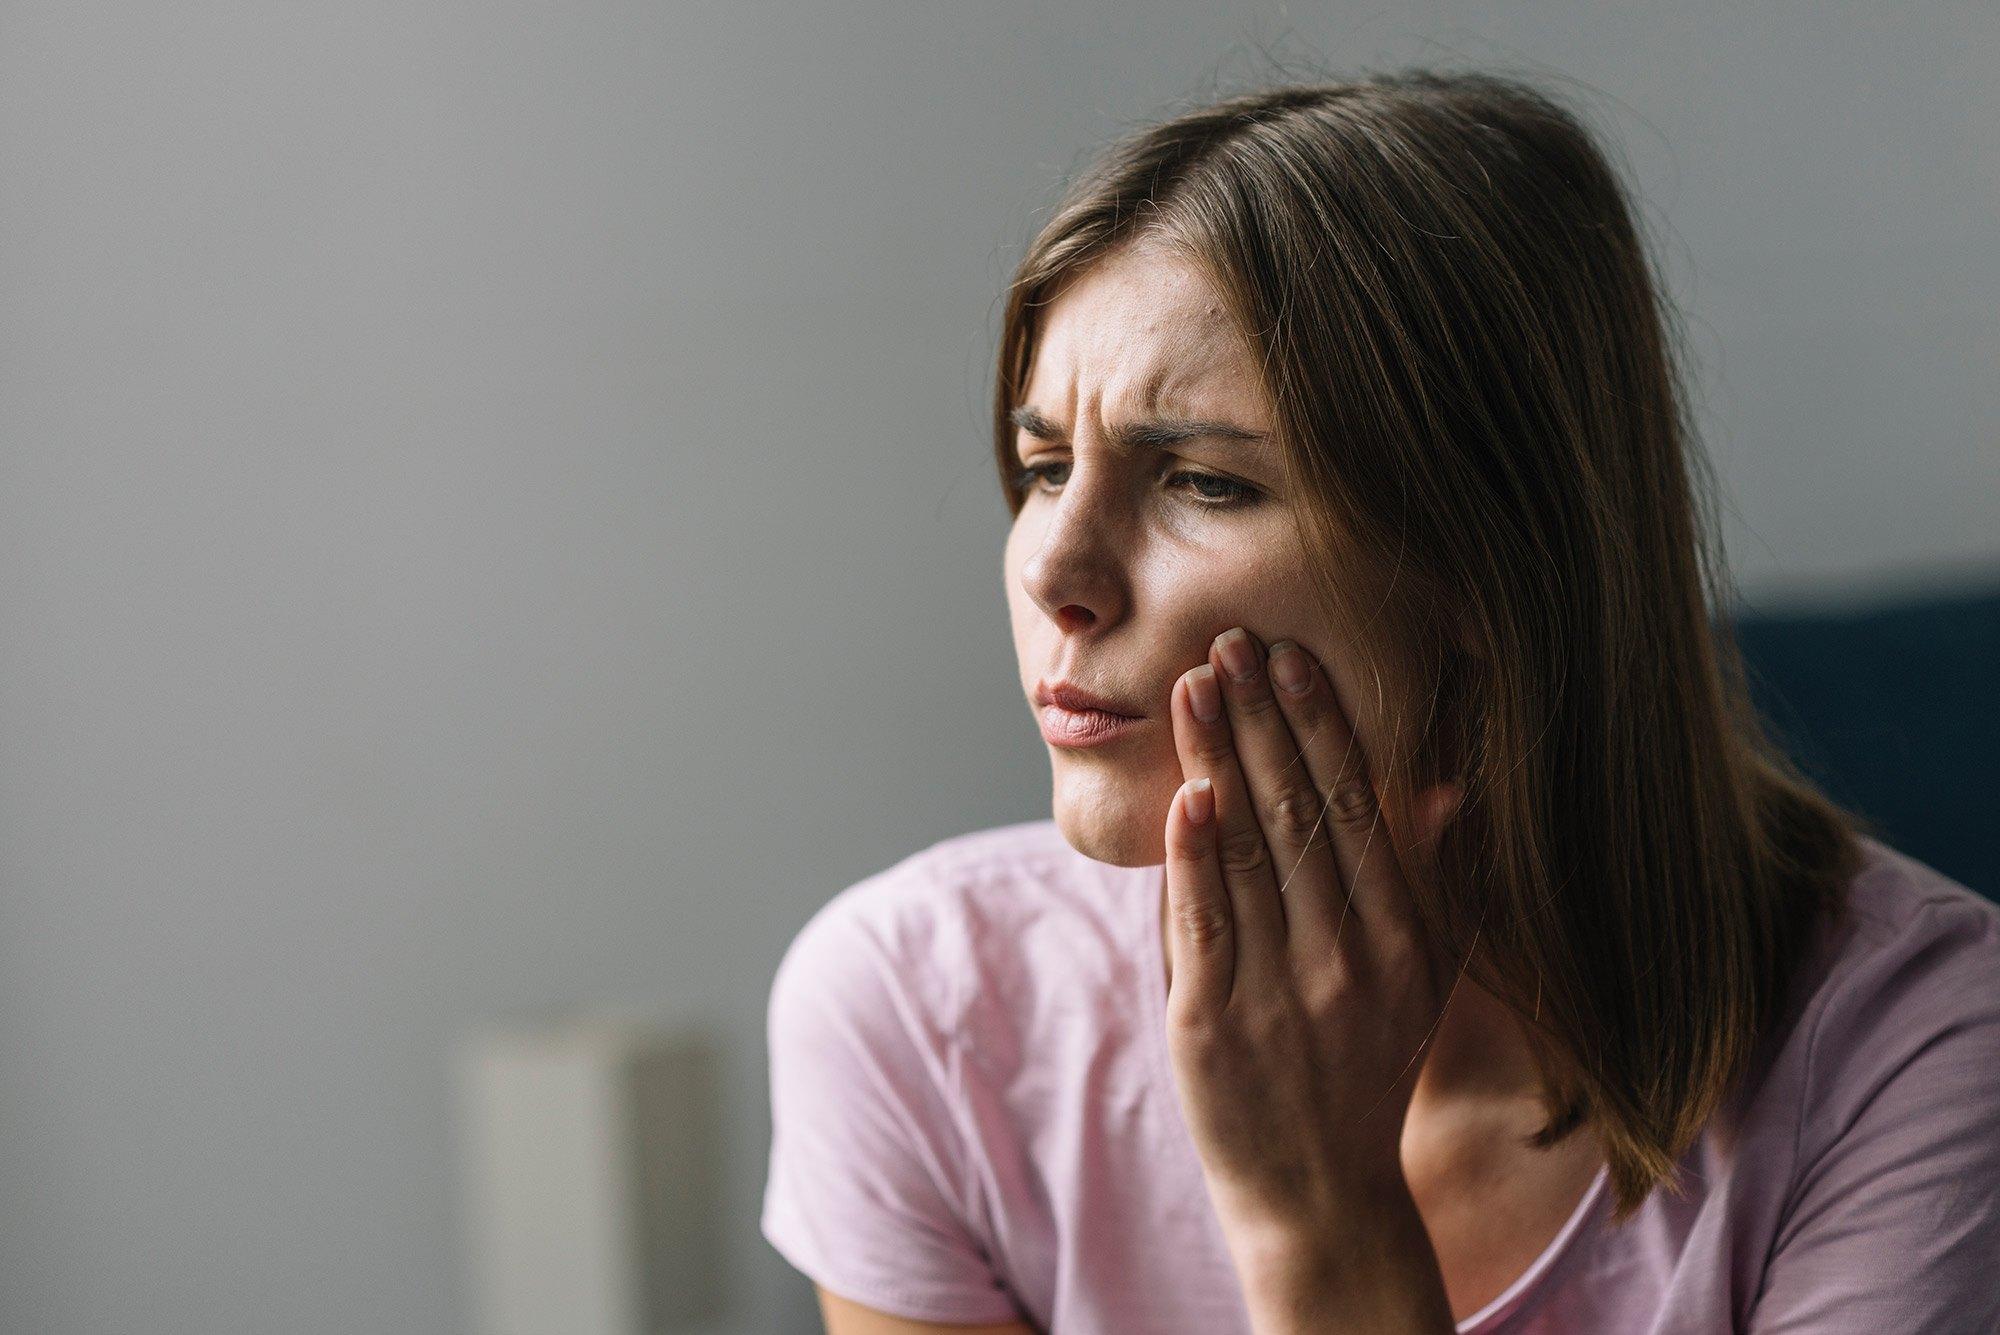 ¿Conoces la parestesia dental? - Acosta Cubero